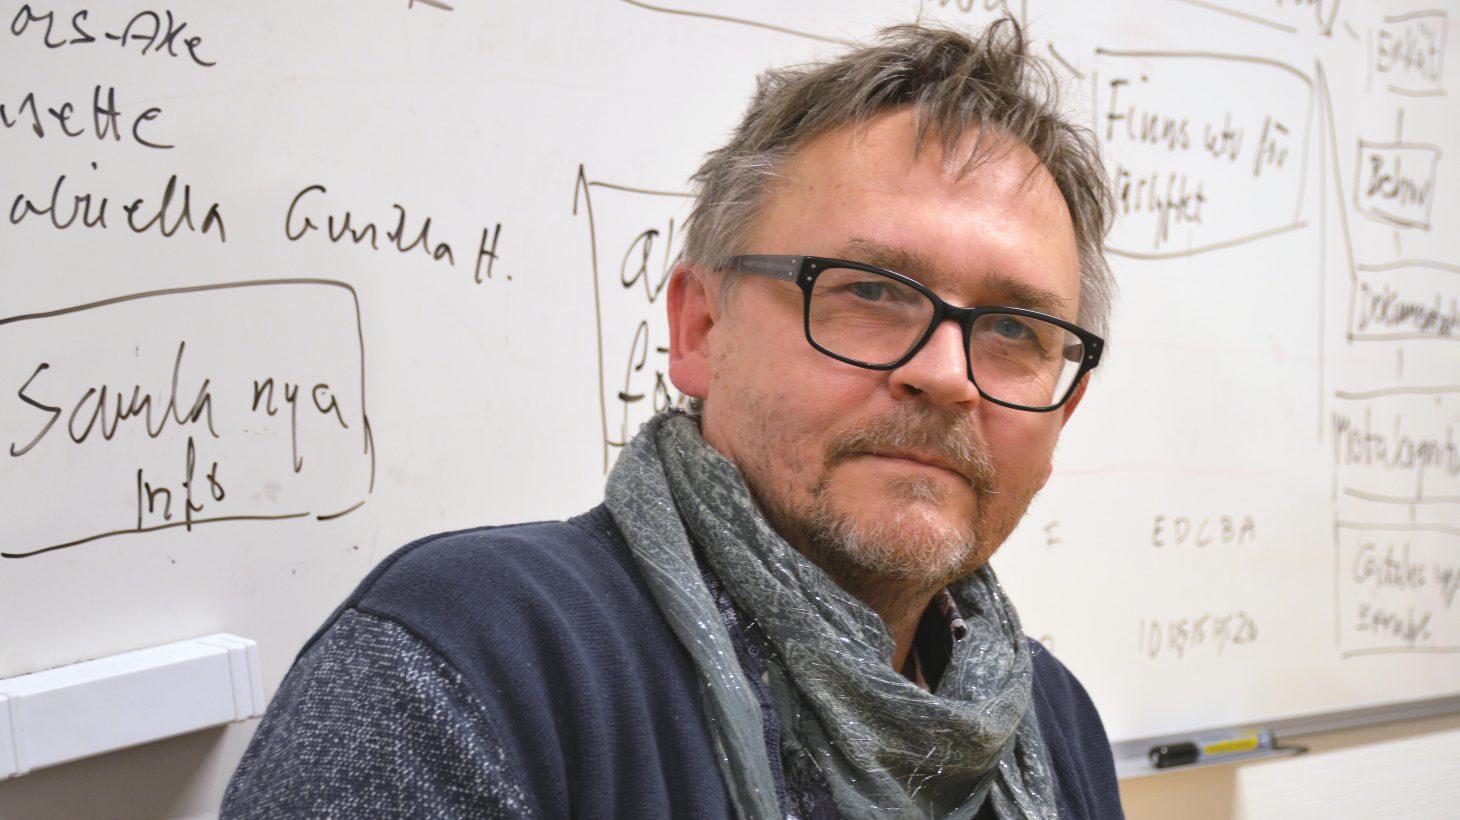 Thomas framför whiteboard full av anteckningar.